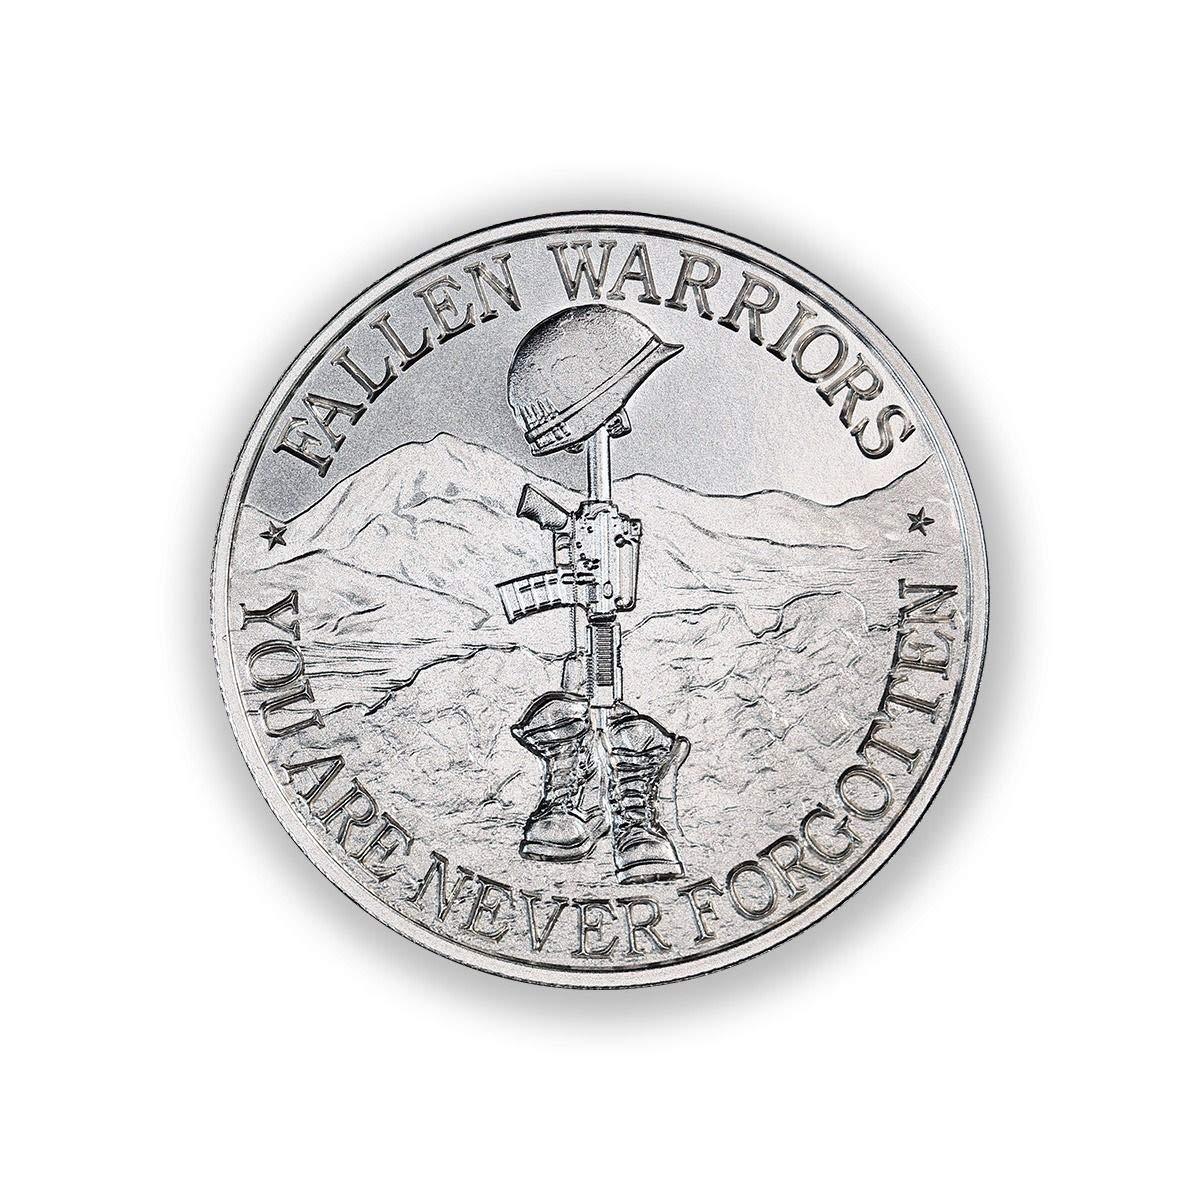 2 Troy Oz .999 Pure Silver Round - Battlefield Cross - Fallen Warriors by Silver Mint